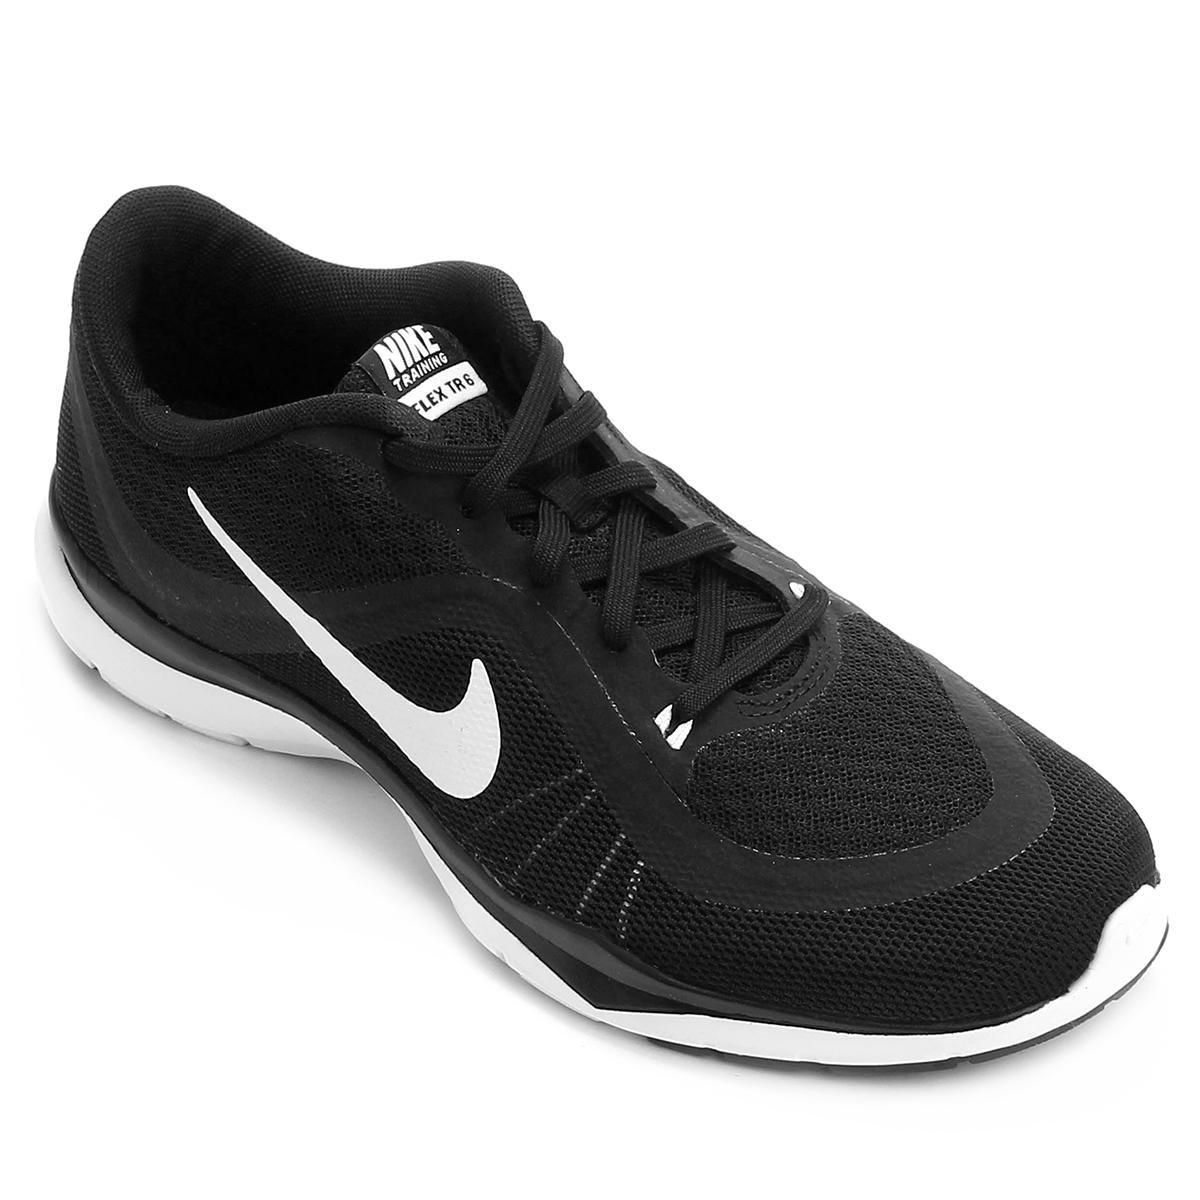 863ce56b1 Tênis Nike Flex Trainer 6 Feminino - Preto e Branco - Compre Agora ...